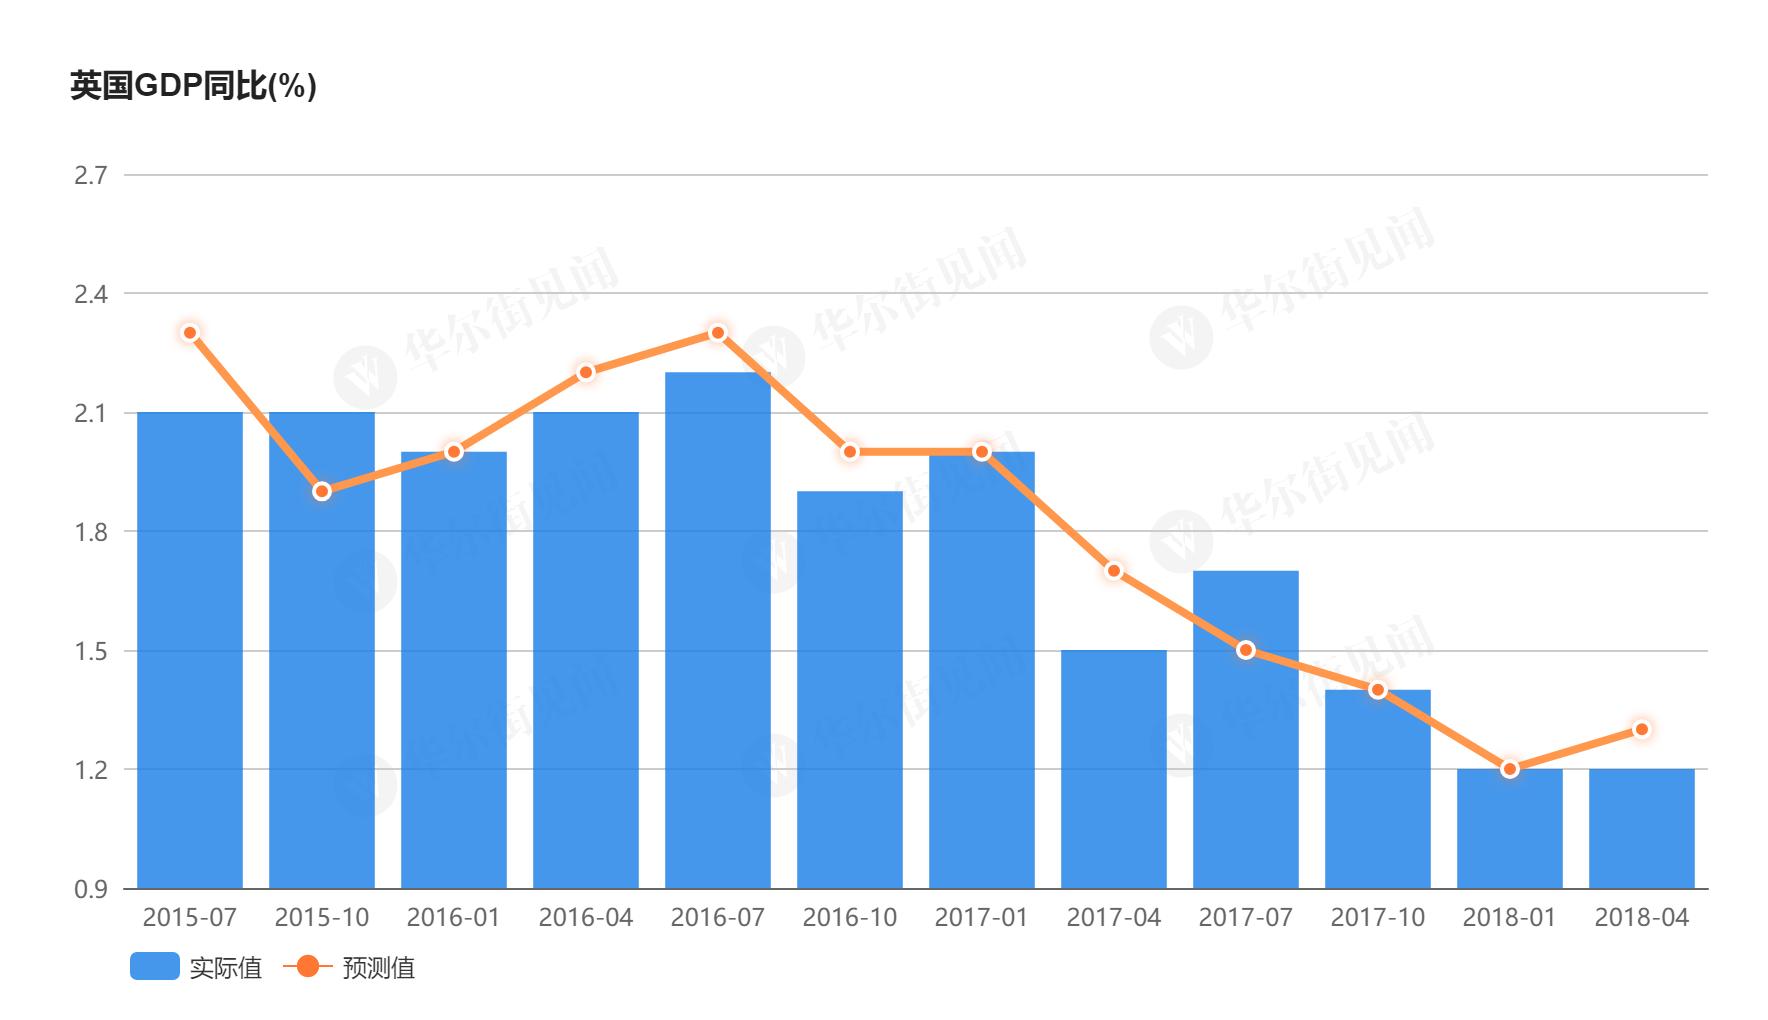 (近三年英國GDP增速放緩)